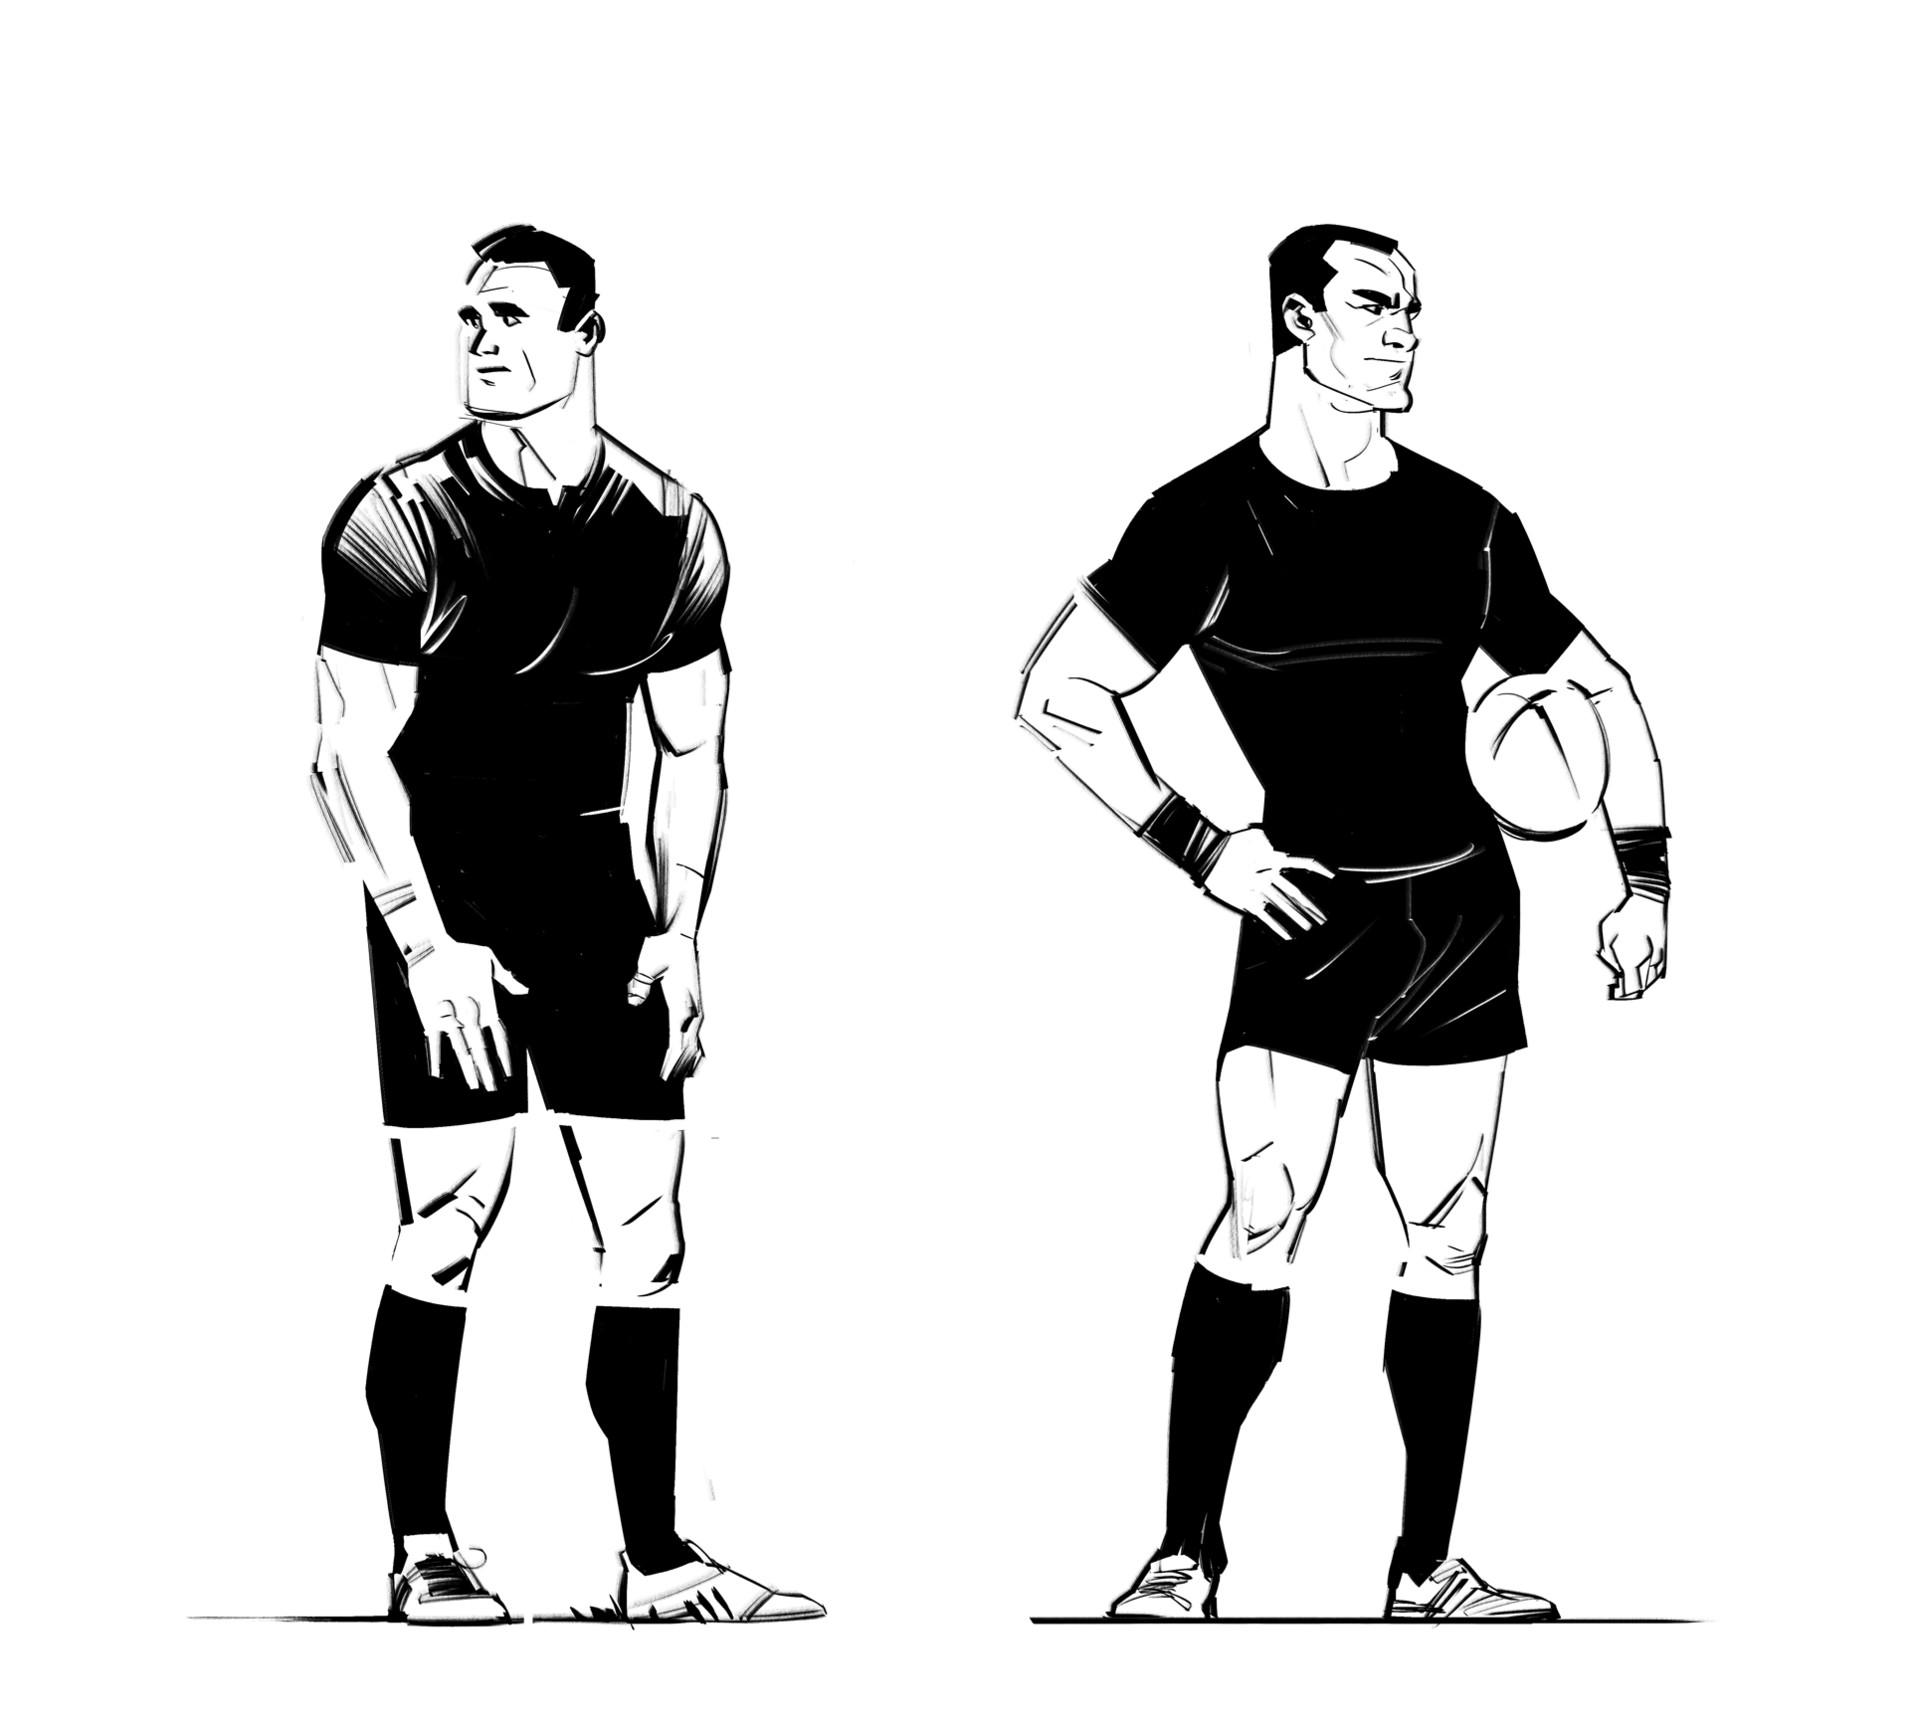 Renaud roche sketches03